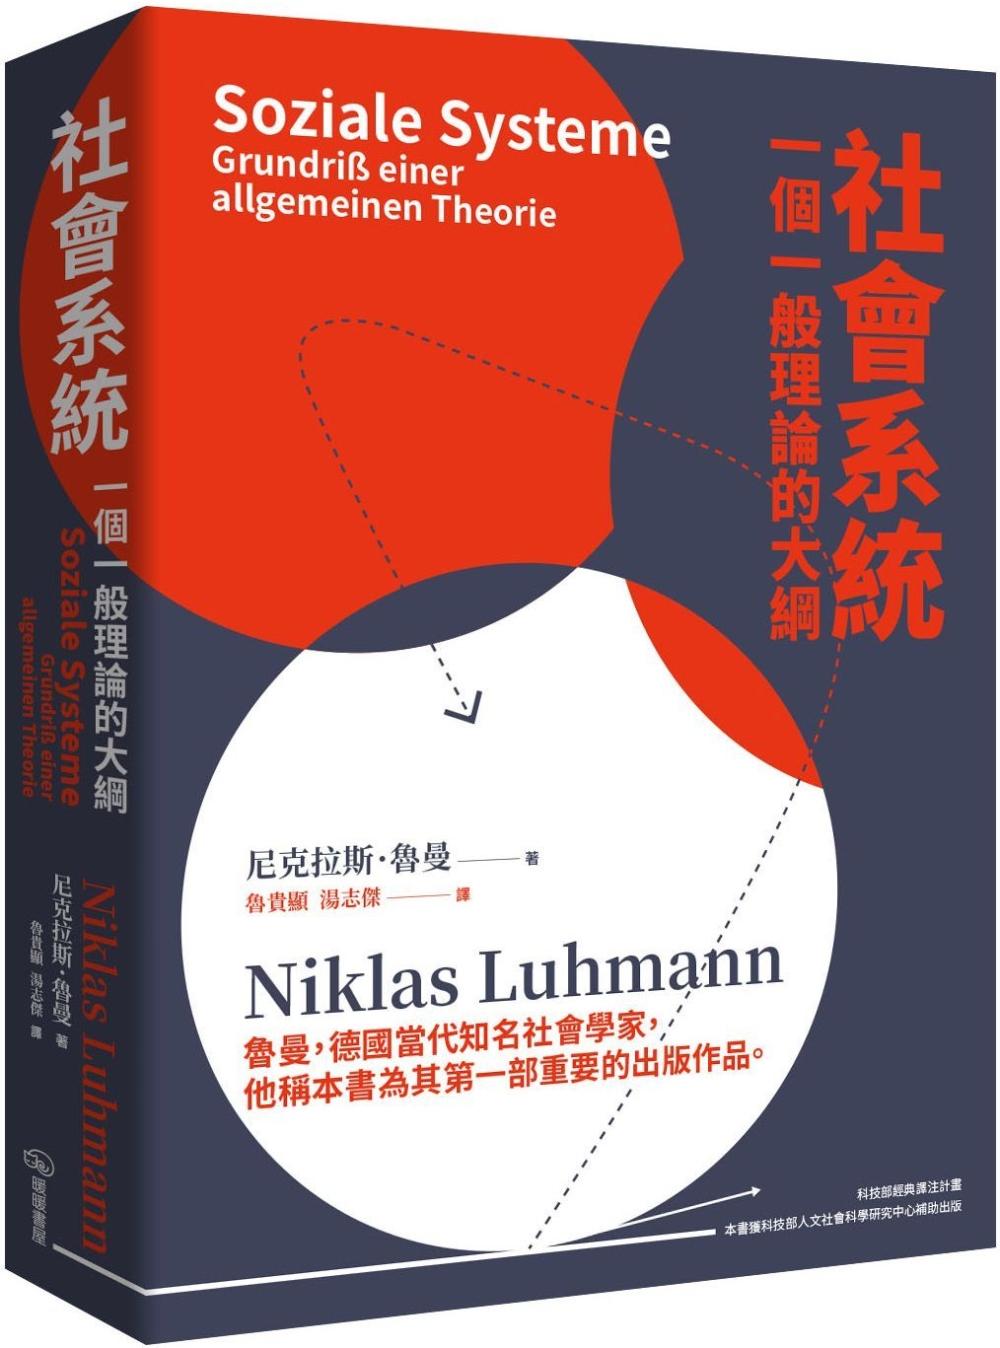 社會系統:一個一般理論的大綱